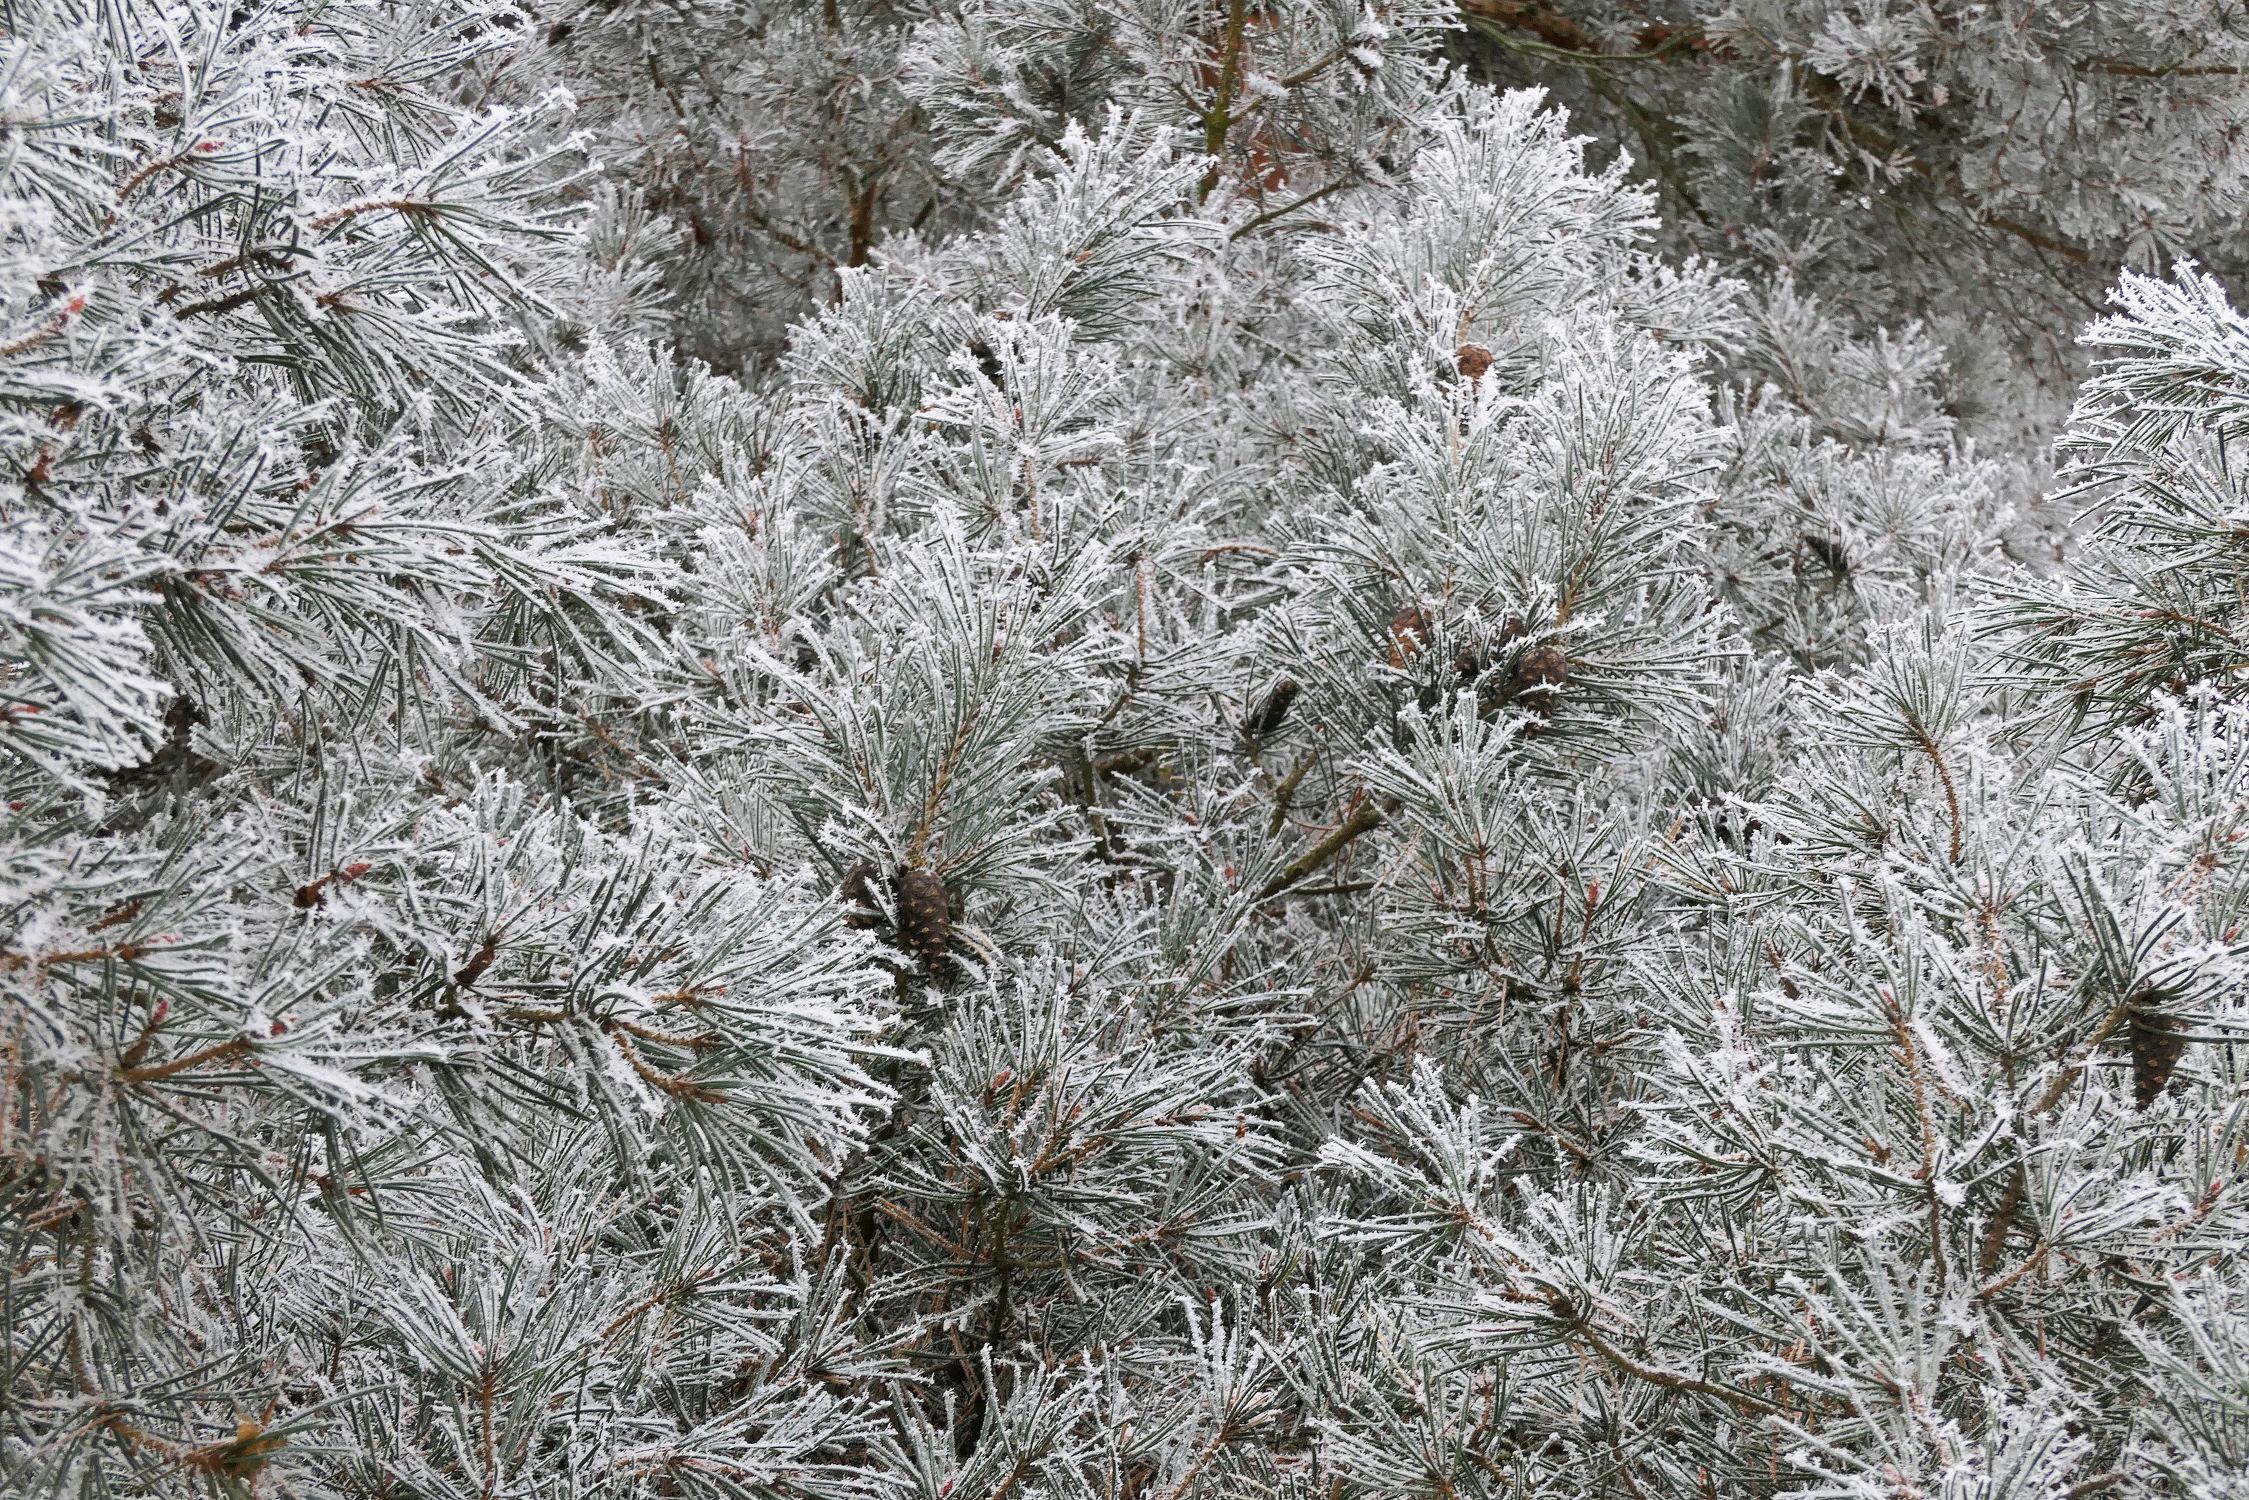 Bild mit Bäume, Winter, Schnee, Wälder, Wald, Baum, Kiefer, Frost, Ast, Winterwald, Zweig